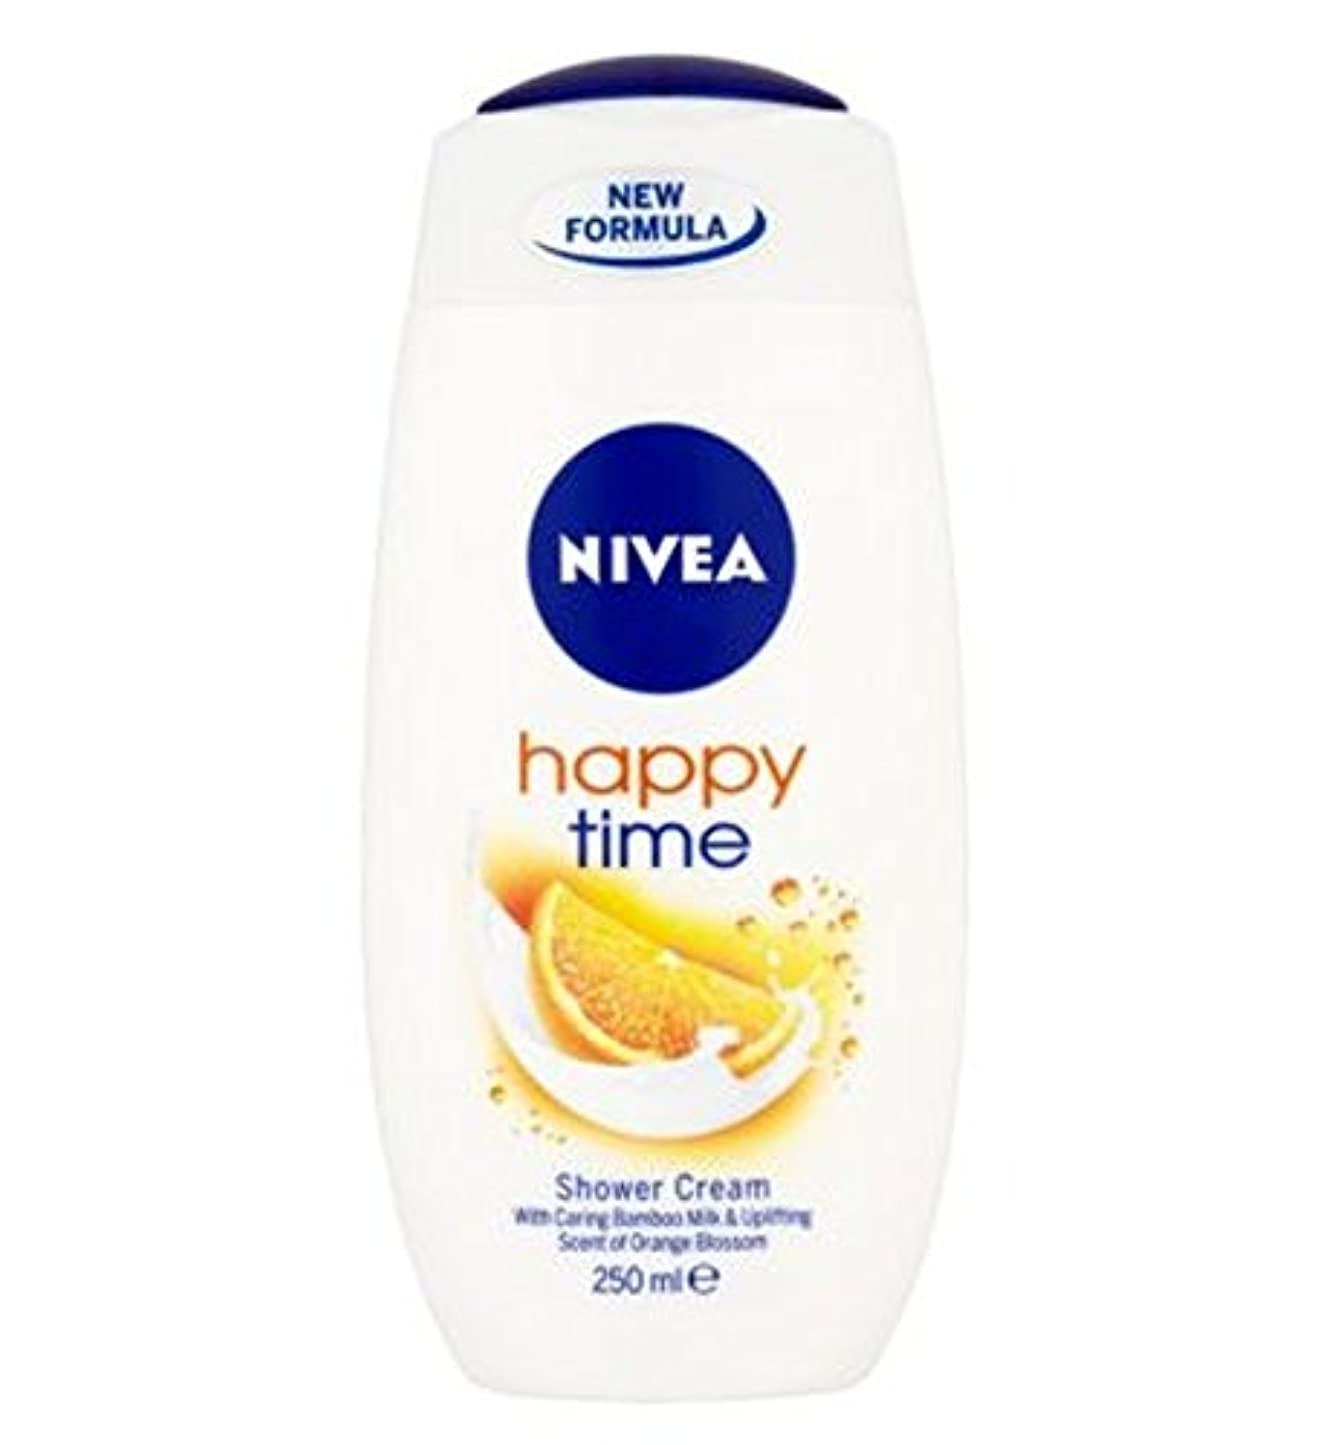 親愛な異なるもちろんニベア幸せな時間シャワークリーム250ミリリットル (Nivea) (x2) - NIVEA Happy Time Shower Cream 250ml (Pack of 2) [並行輸入品]